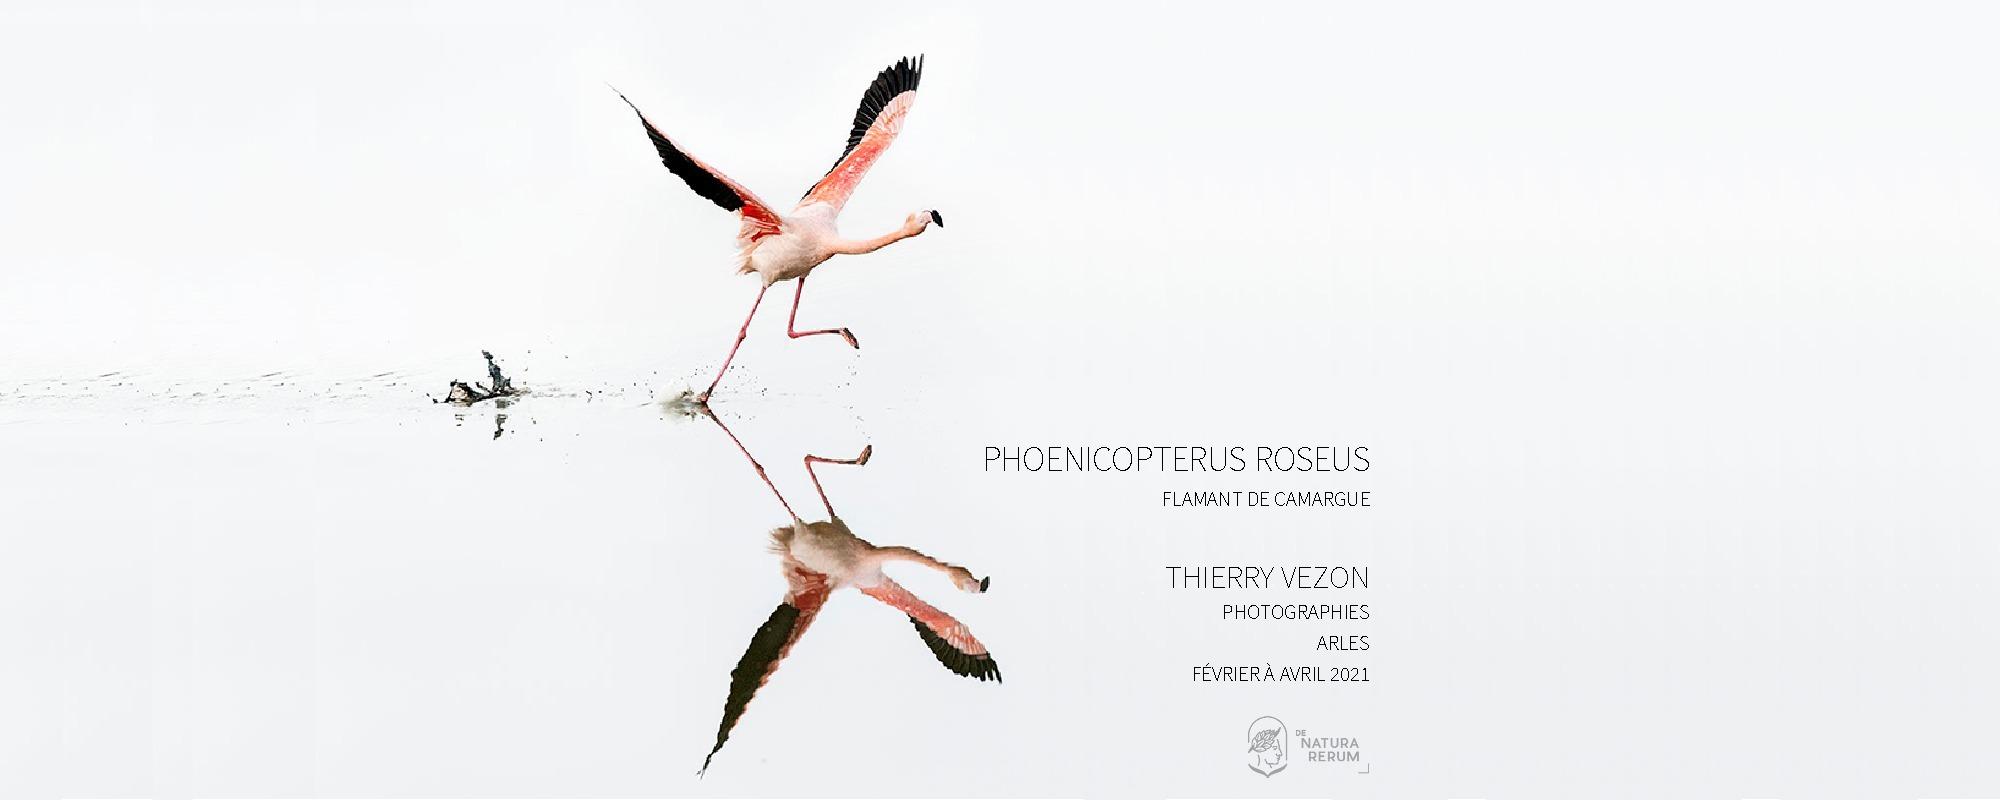 Une nouvelle exposition à partir du 1er février et jusqu'à la fin du mois de juin, Phoenicopterus roseus, Flamant de Camargue par Thierry Vezon.